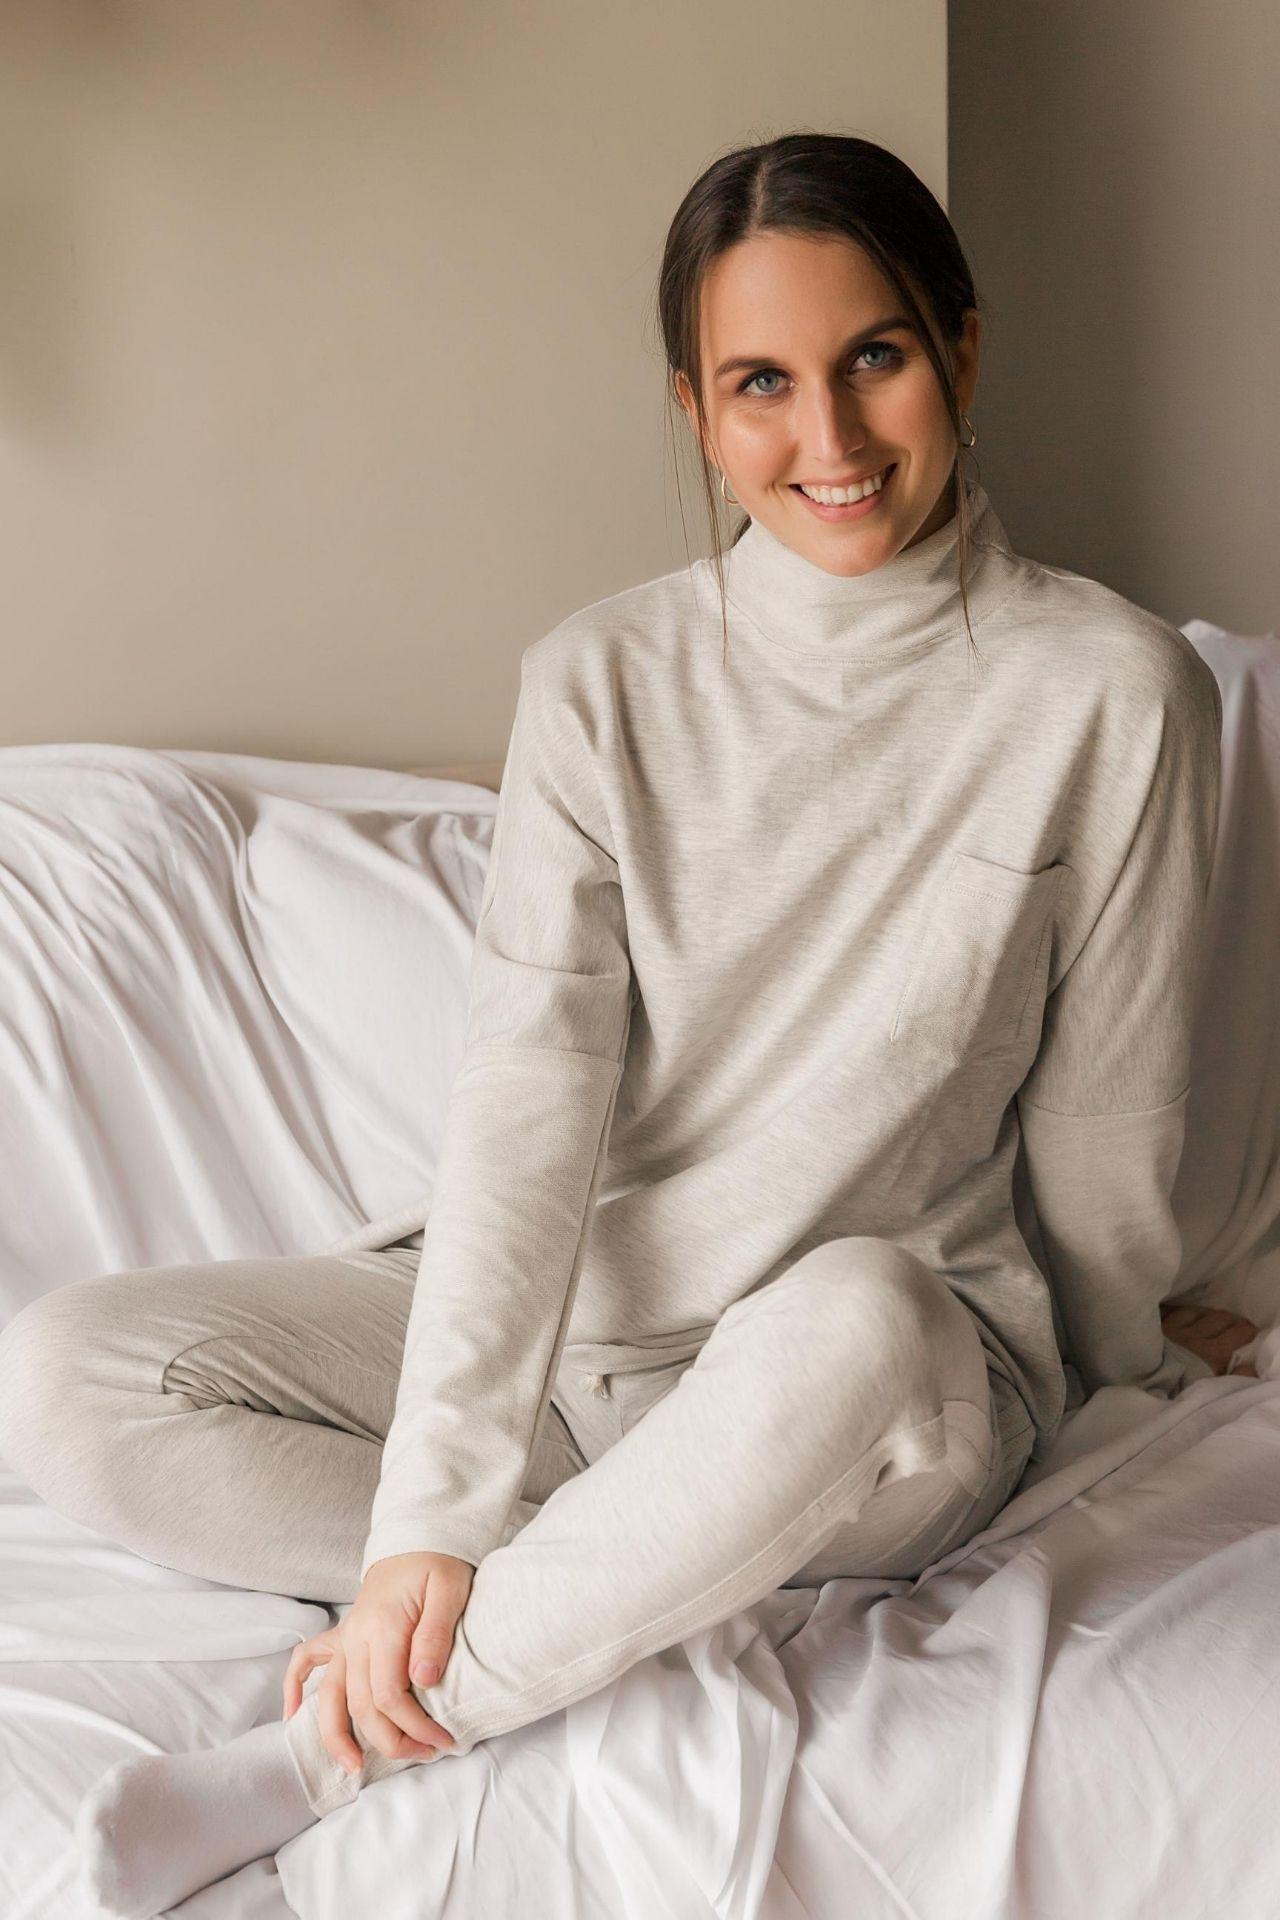 Incluye la polera y el jogger.  Material: French Terry, 96% algodón y 4% spandex  Talla Standard: le queda a una talla S, M o L.  El gris es un gris melange, muy clarito.